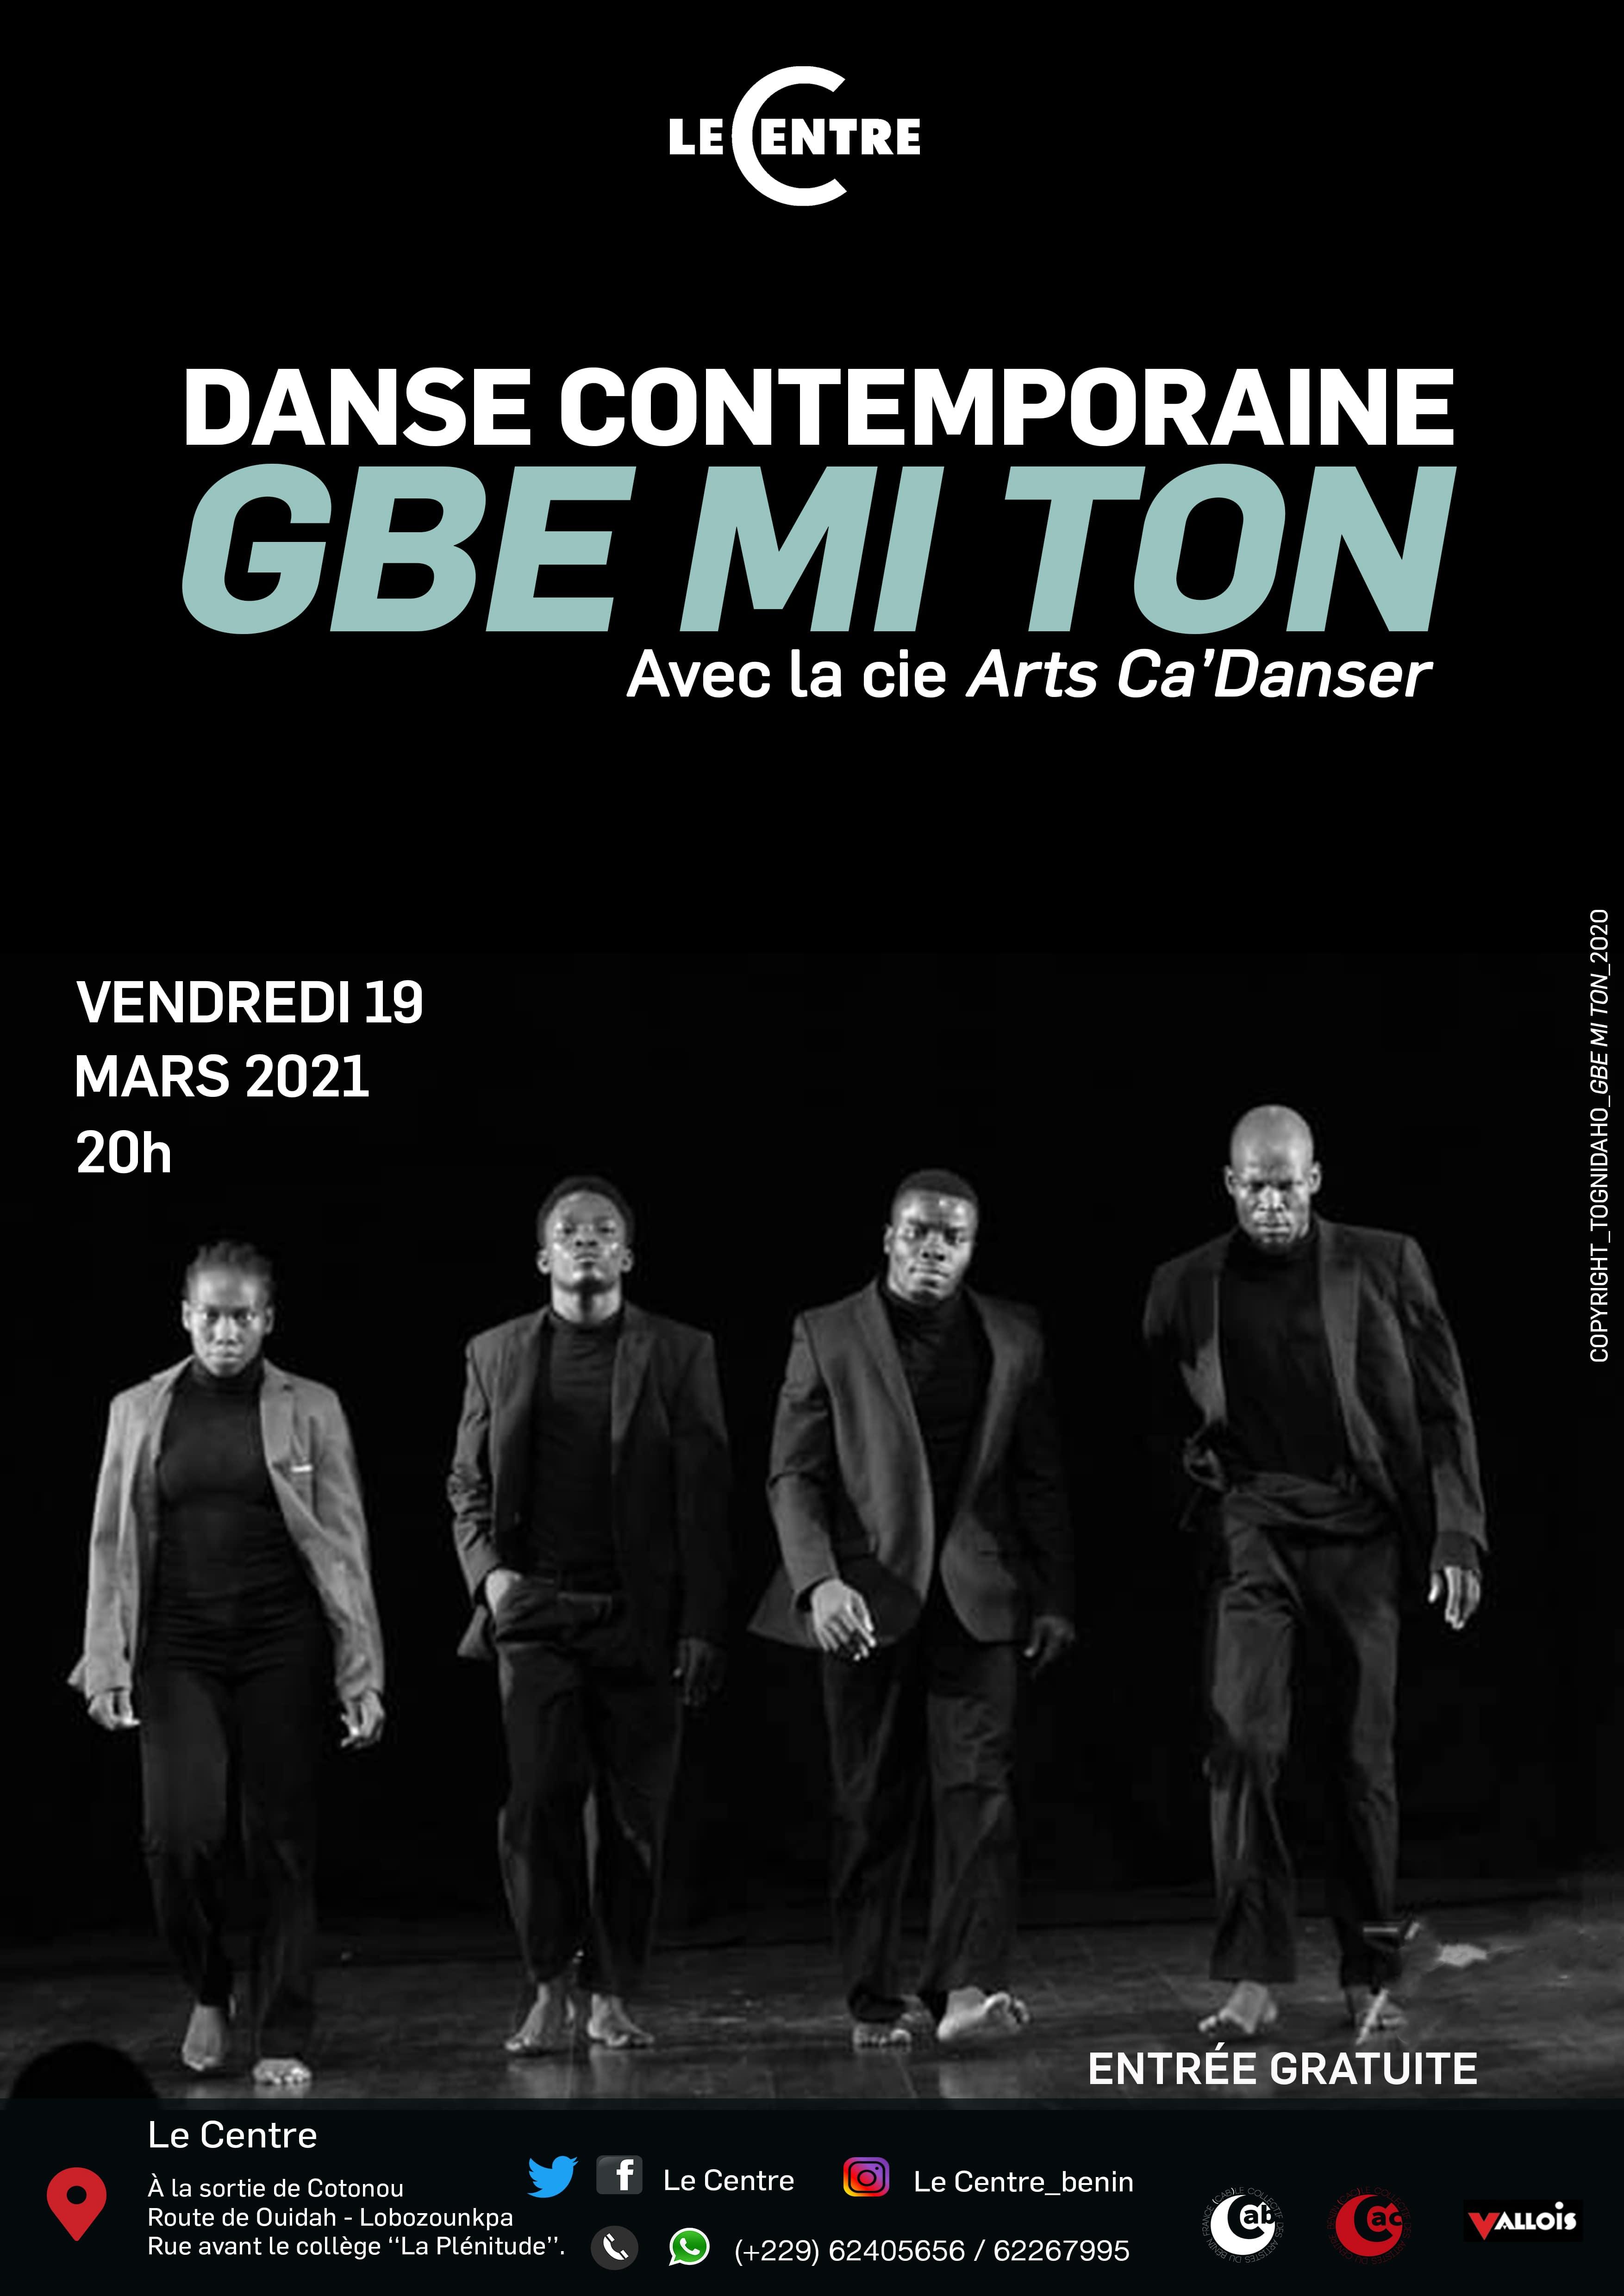 Danse contemporaine GBE MI TON